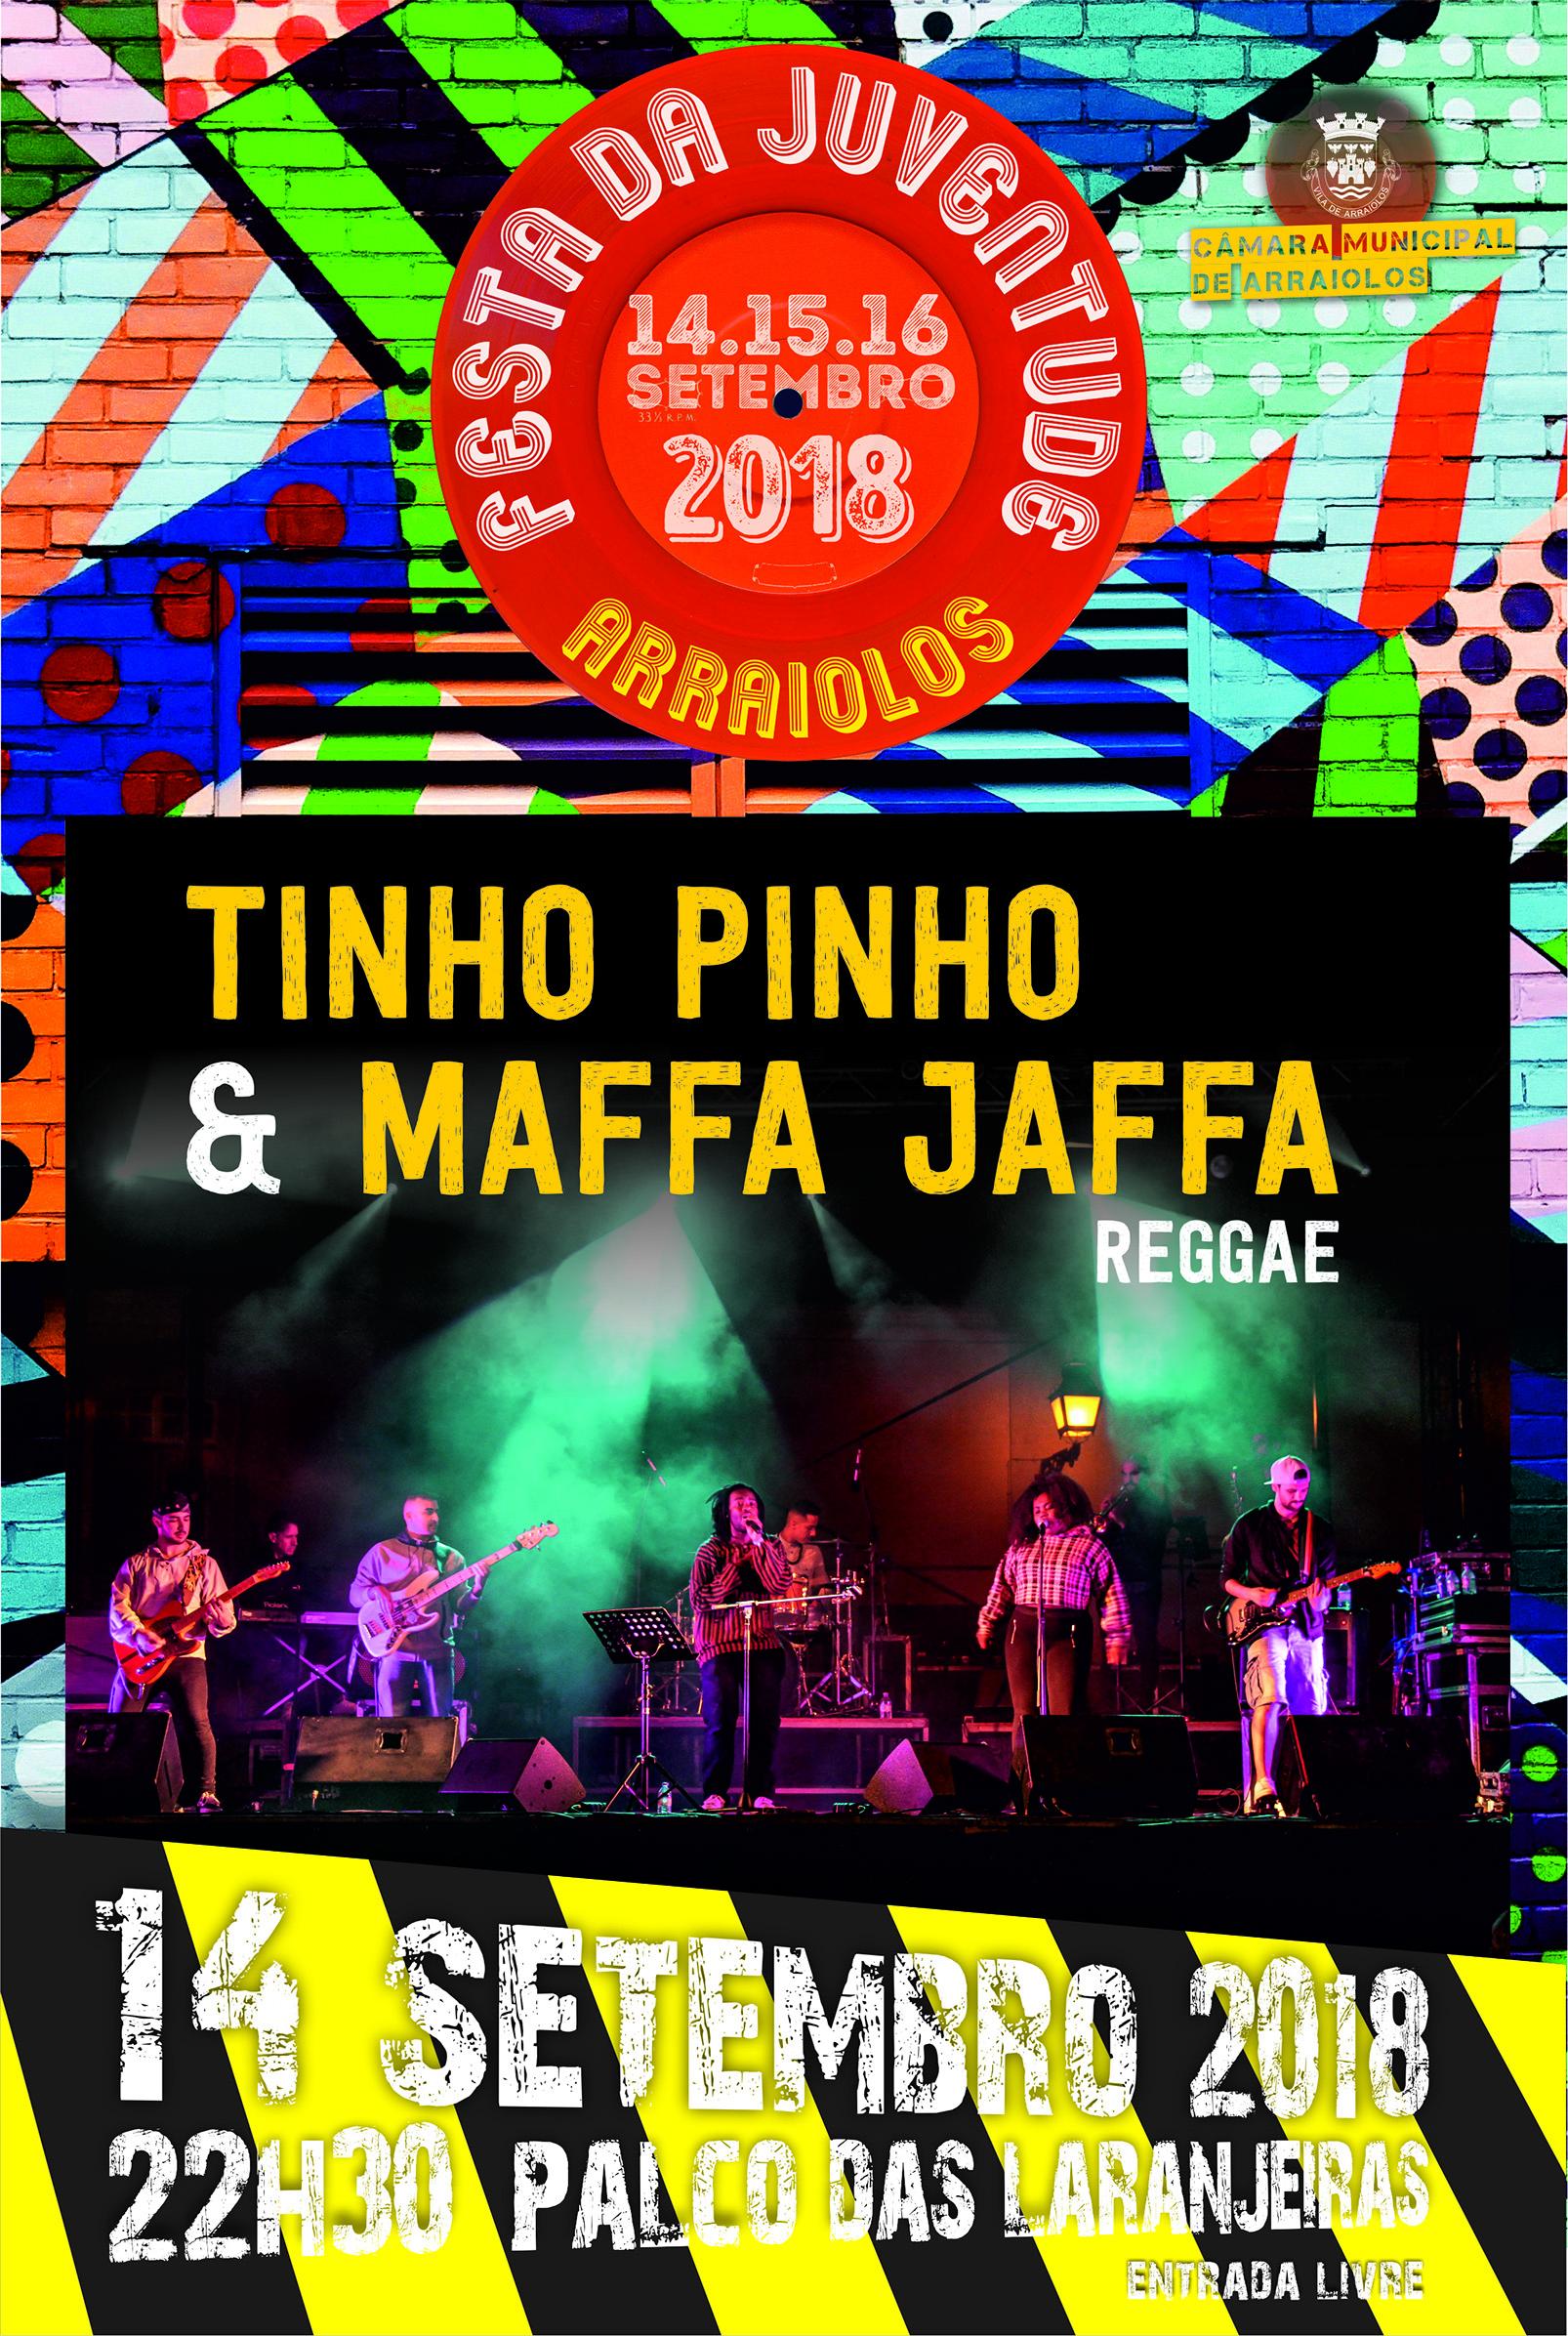 Tinho Pinho e Maffa Jaffa Festa Juve2018.jpg